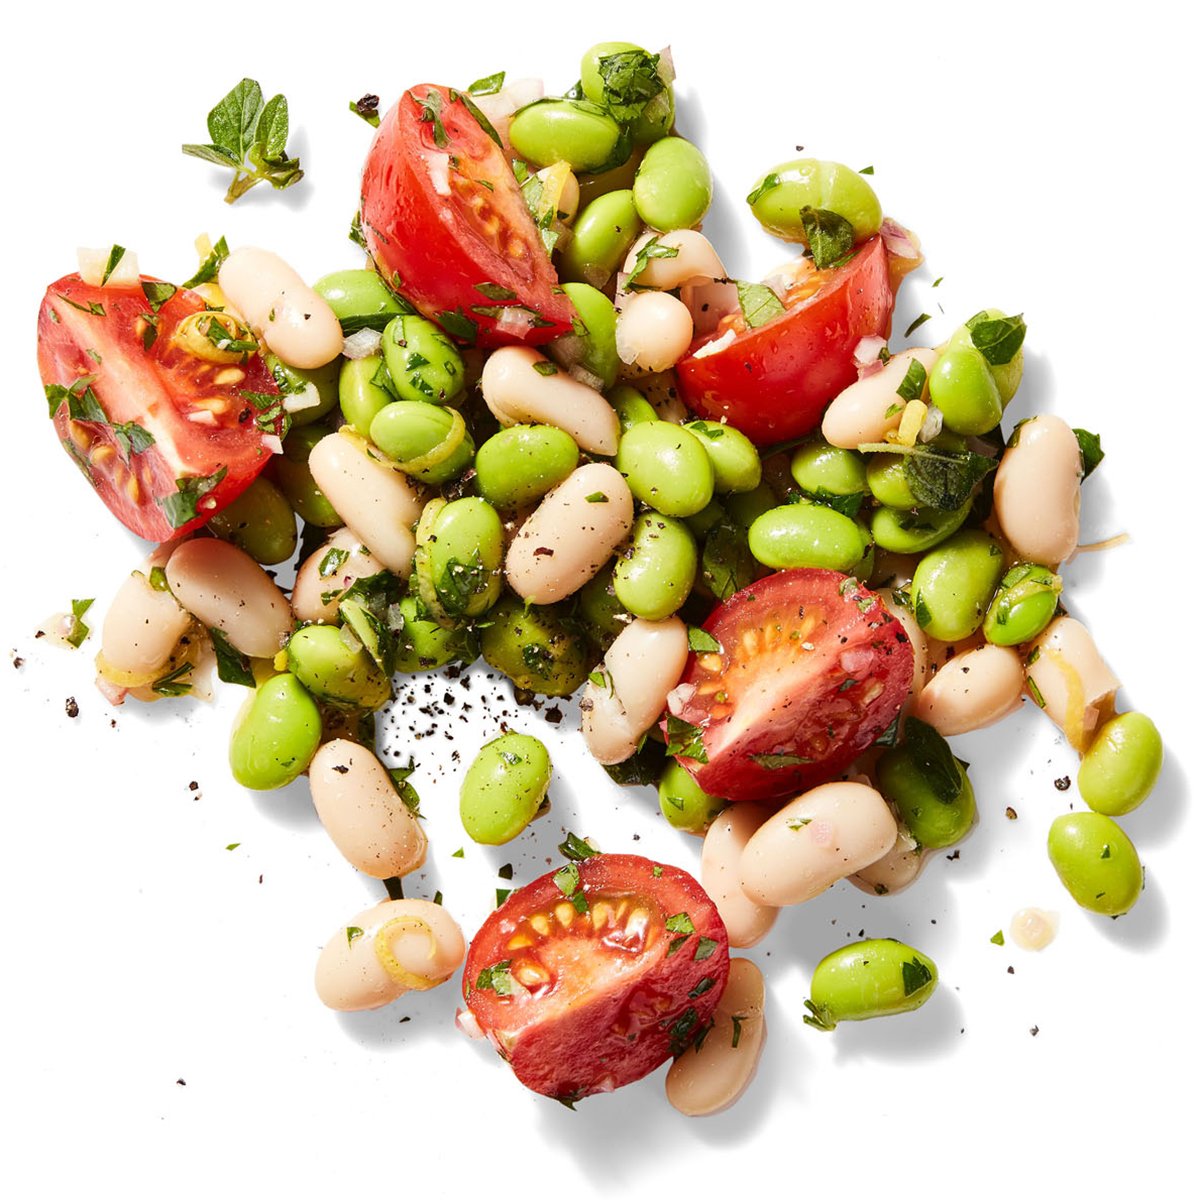 Edamame & White Bean Salad with Oregano Vinaigrette